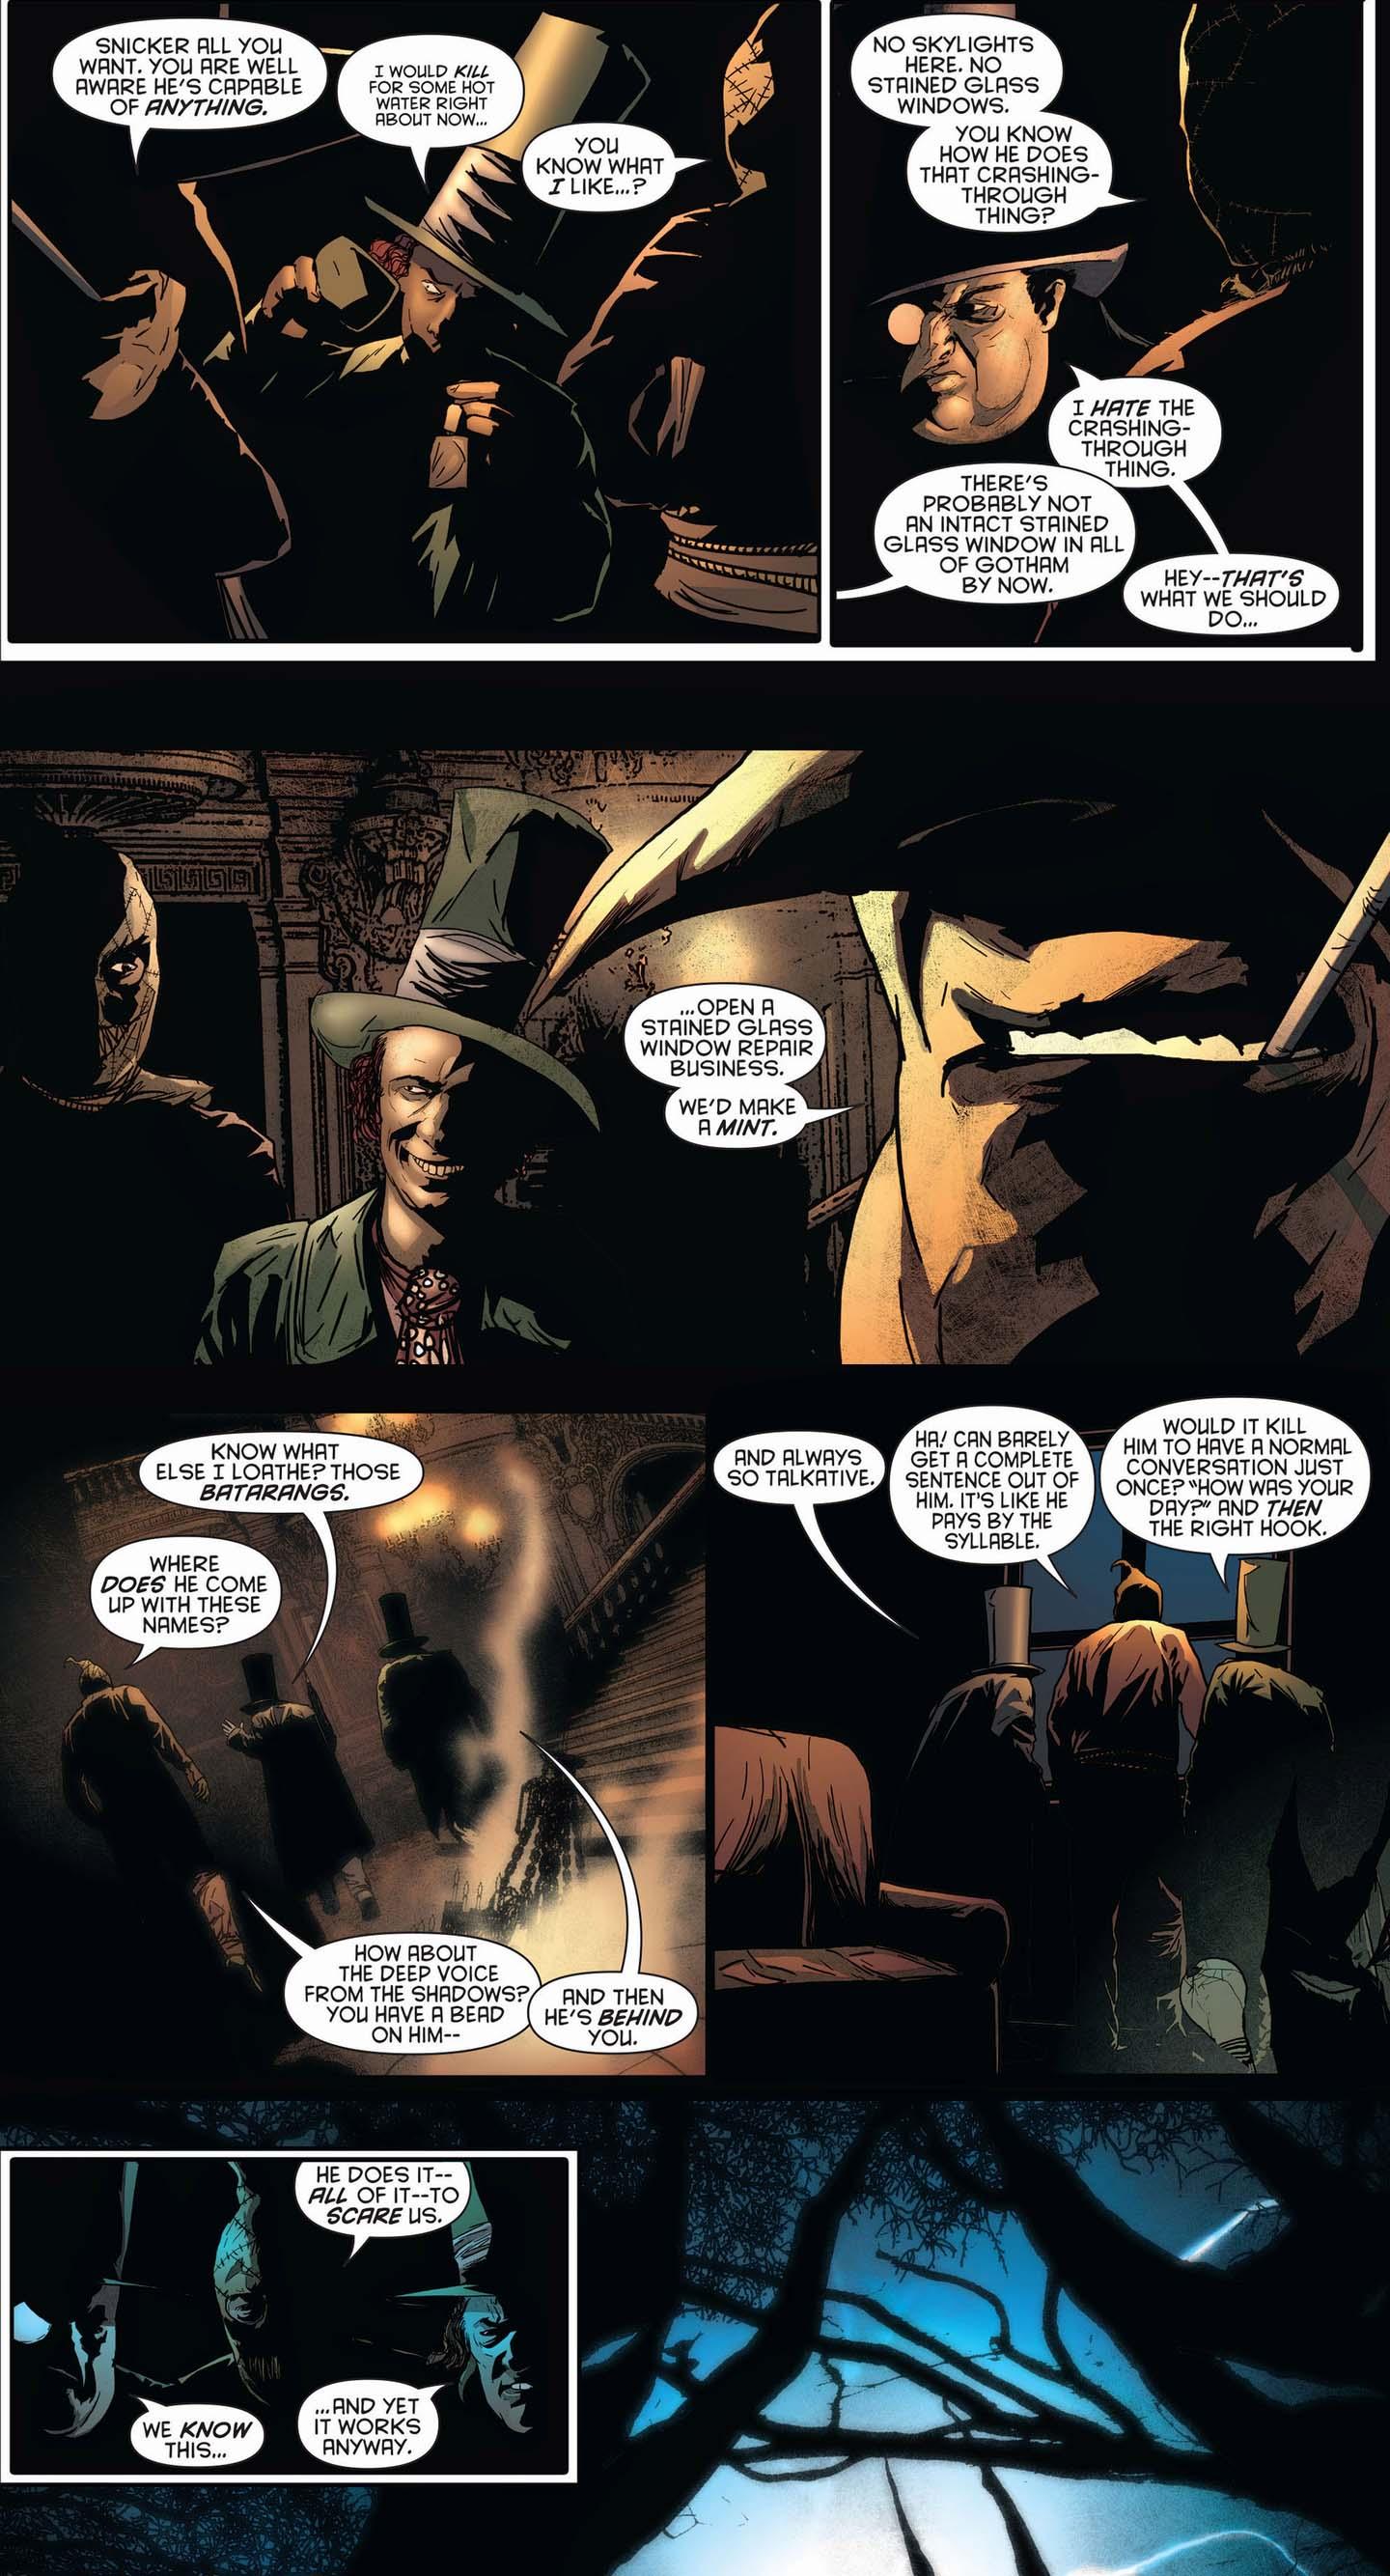 batman's methods